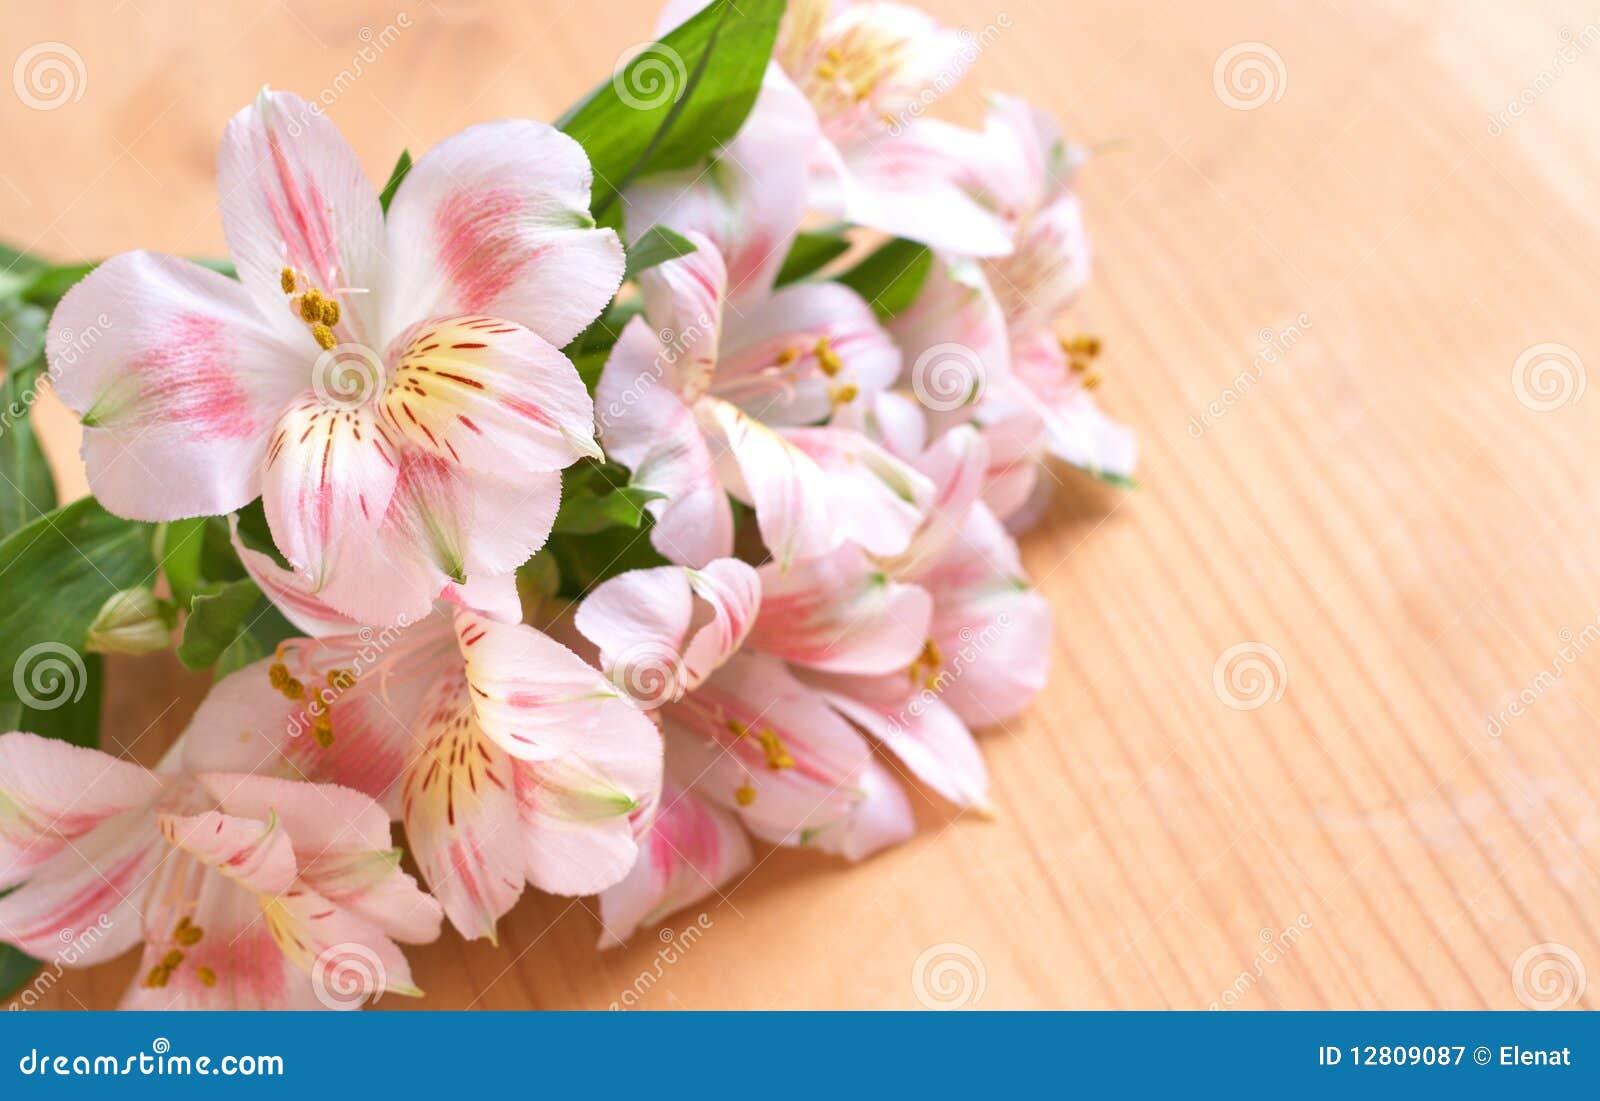 Flores cor-de-rosa bonitas com espaço da cópia